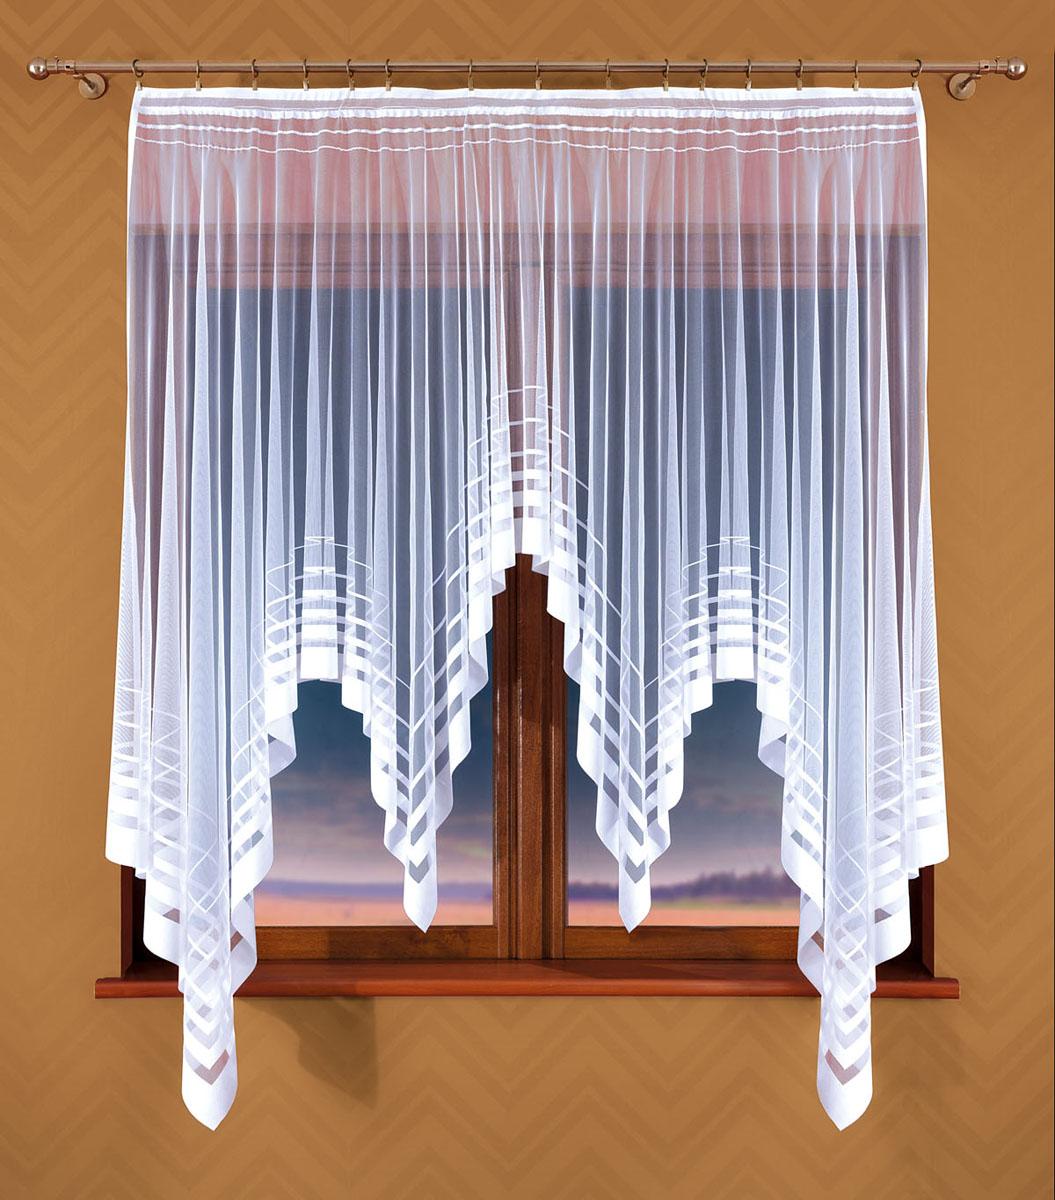 Гардина Wisan, цвет: белый, ширина 170 см, высота 170 см359ЕГардина жаккардовая, крепление зажимы для штор.Размеры: ширина 170*170